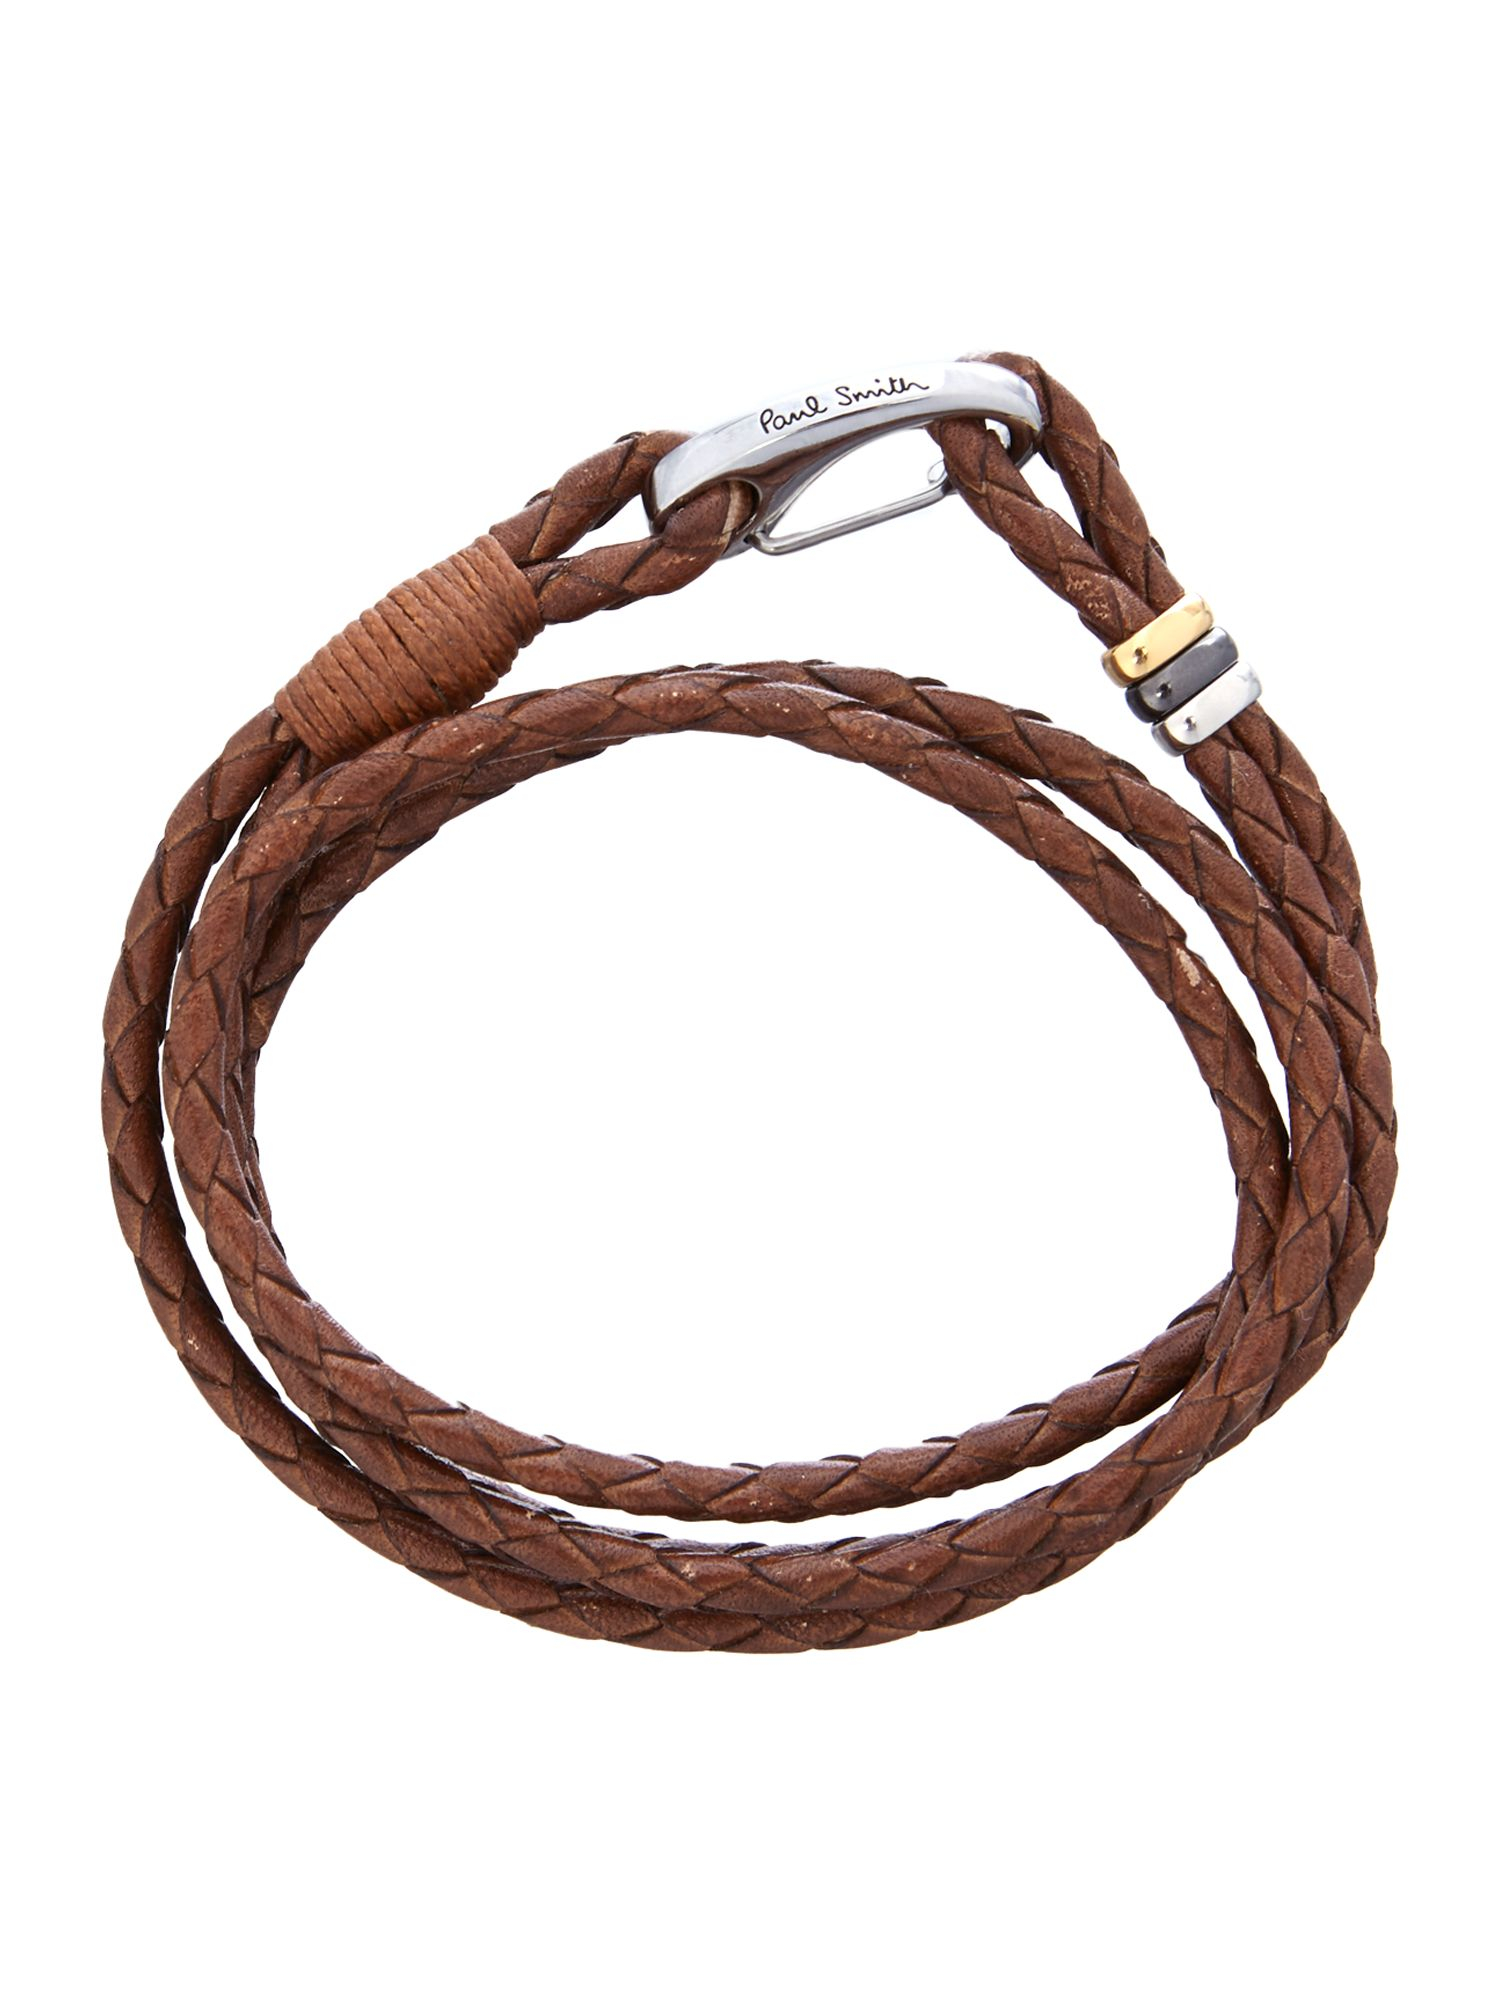 Paul Smith Triple-wrap leather bracelet ZeimFkx0Z5